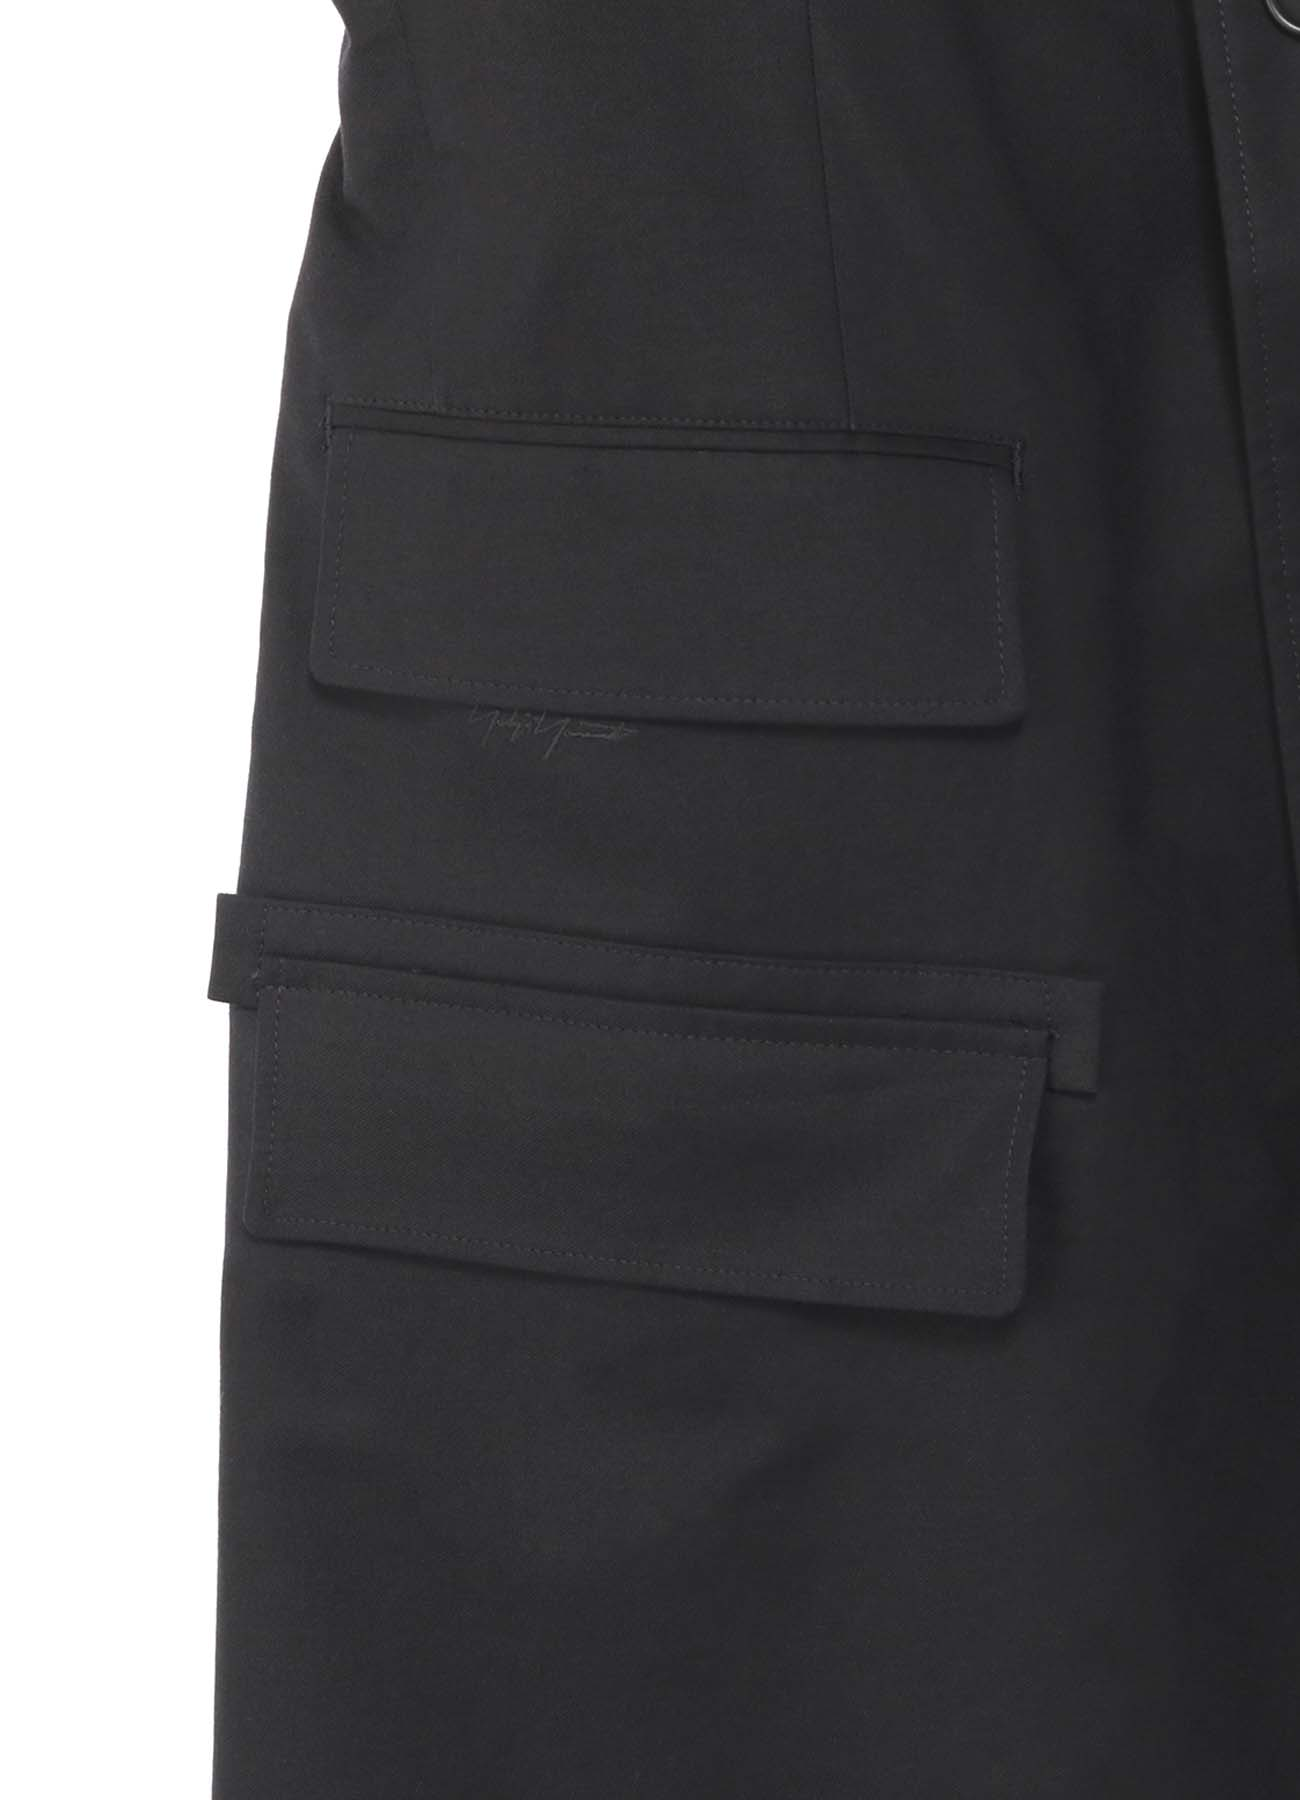 BLACK Scandal刺繍ツイル 三つ釦ノッチタブ付きドクタージャケット